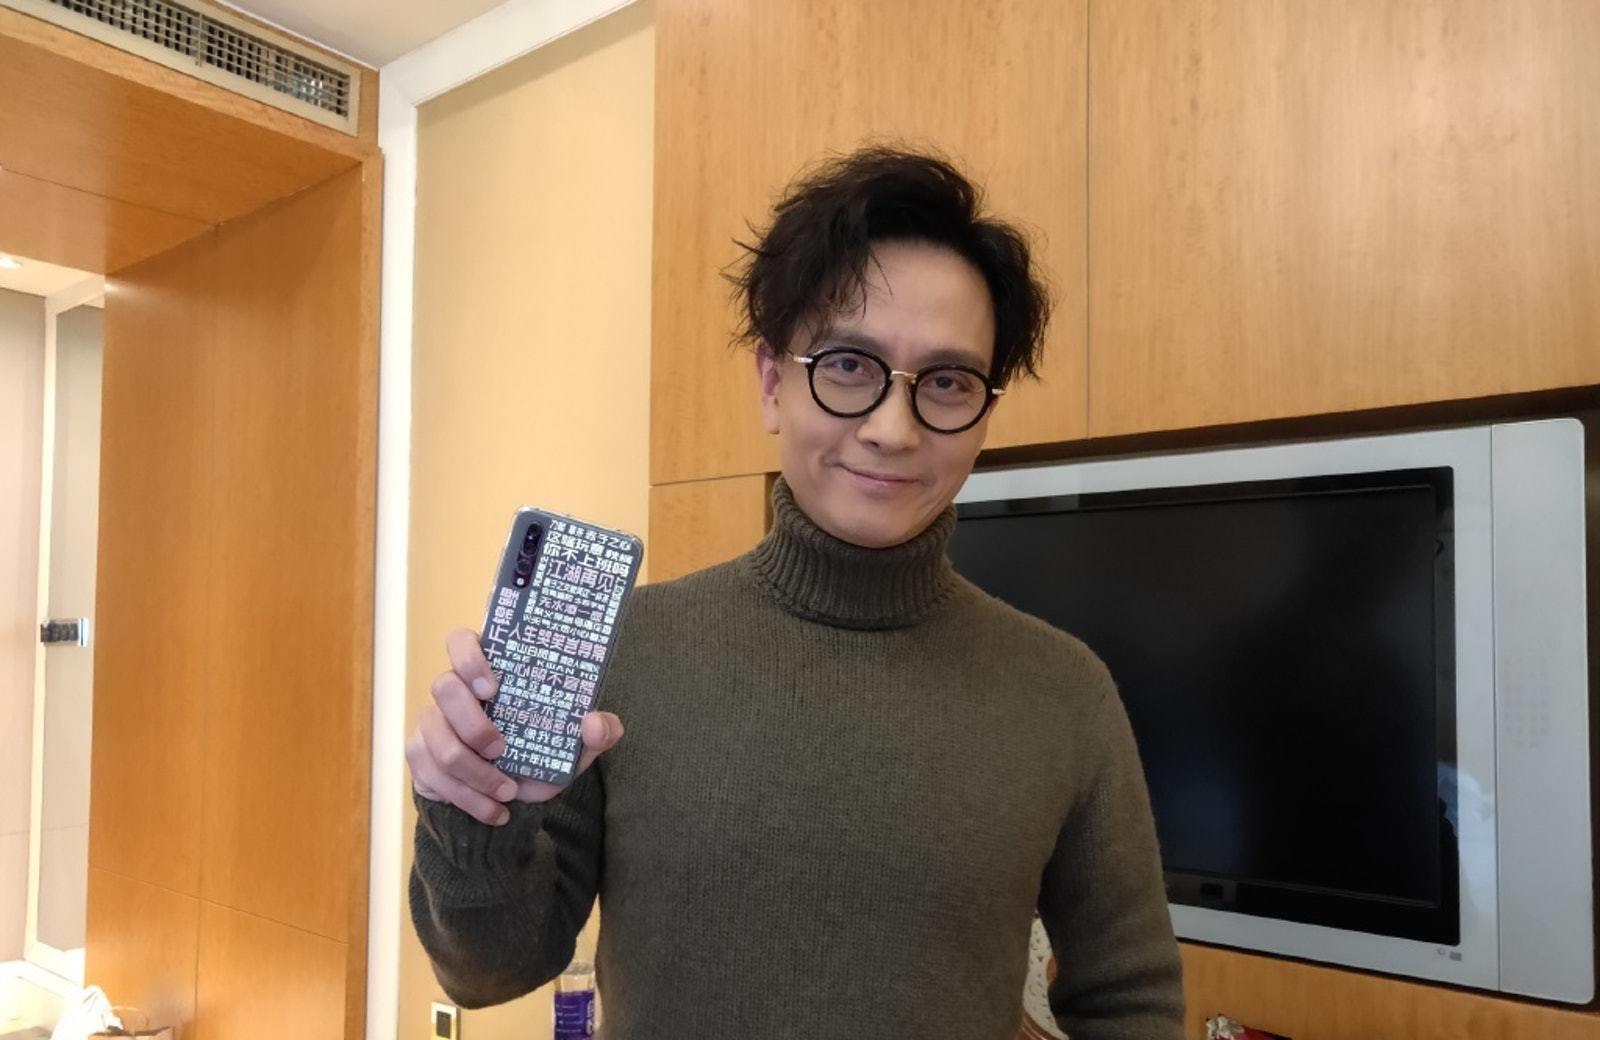 《玉昭令》 58岁谢君豪宝刀未老,新剧造型比男主角还帅!